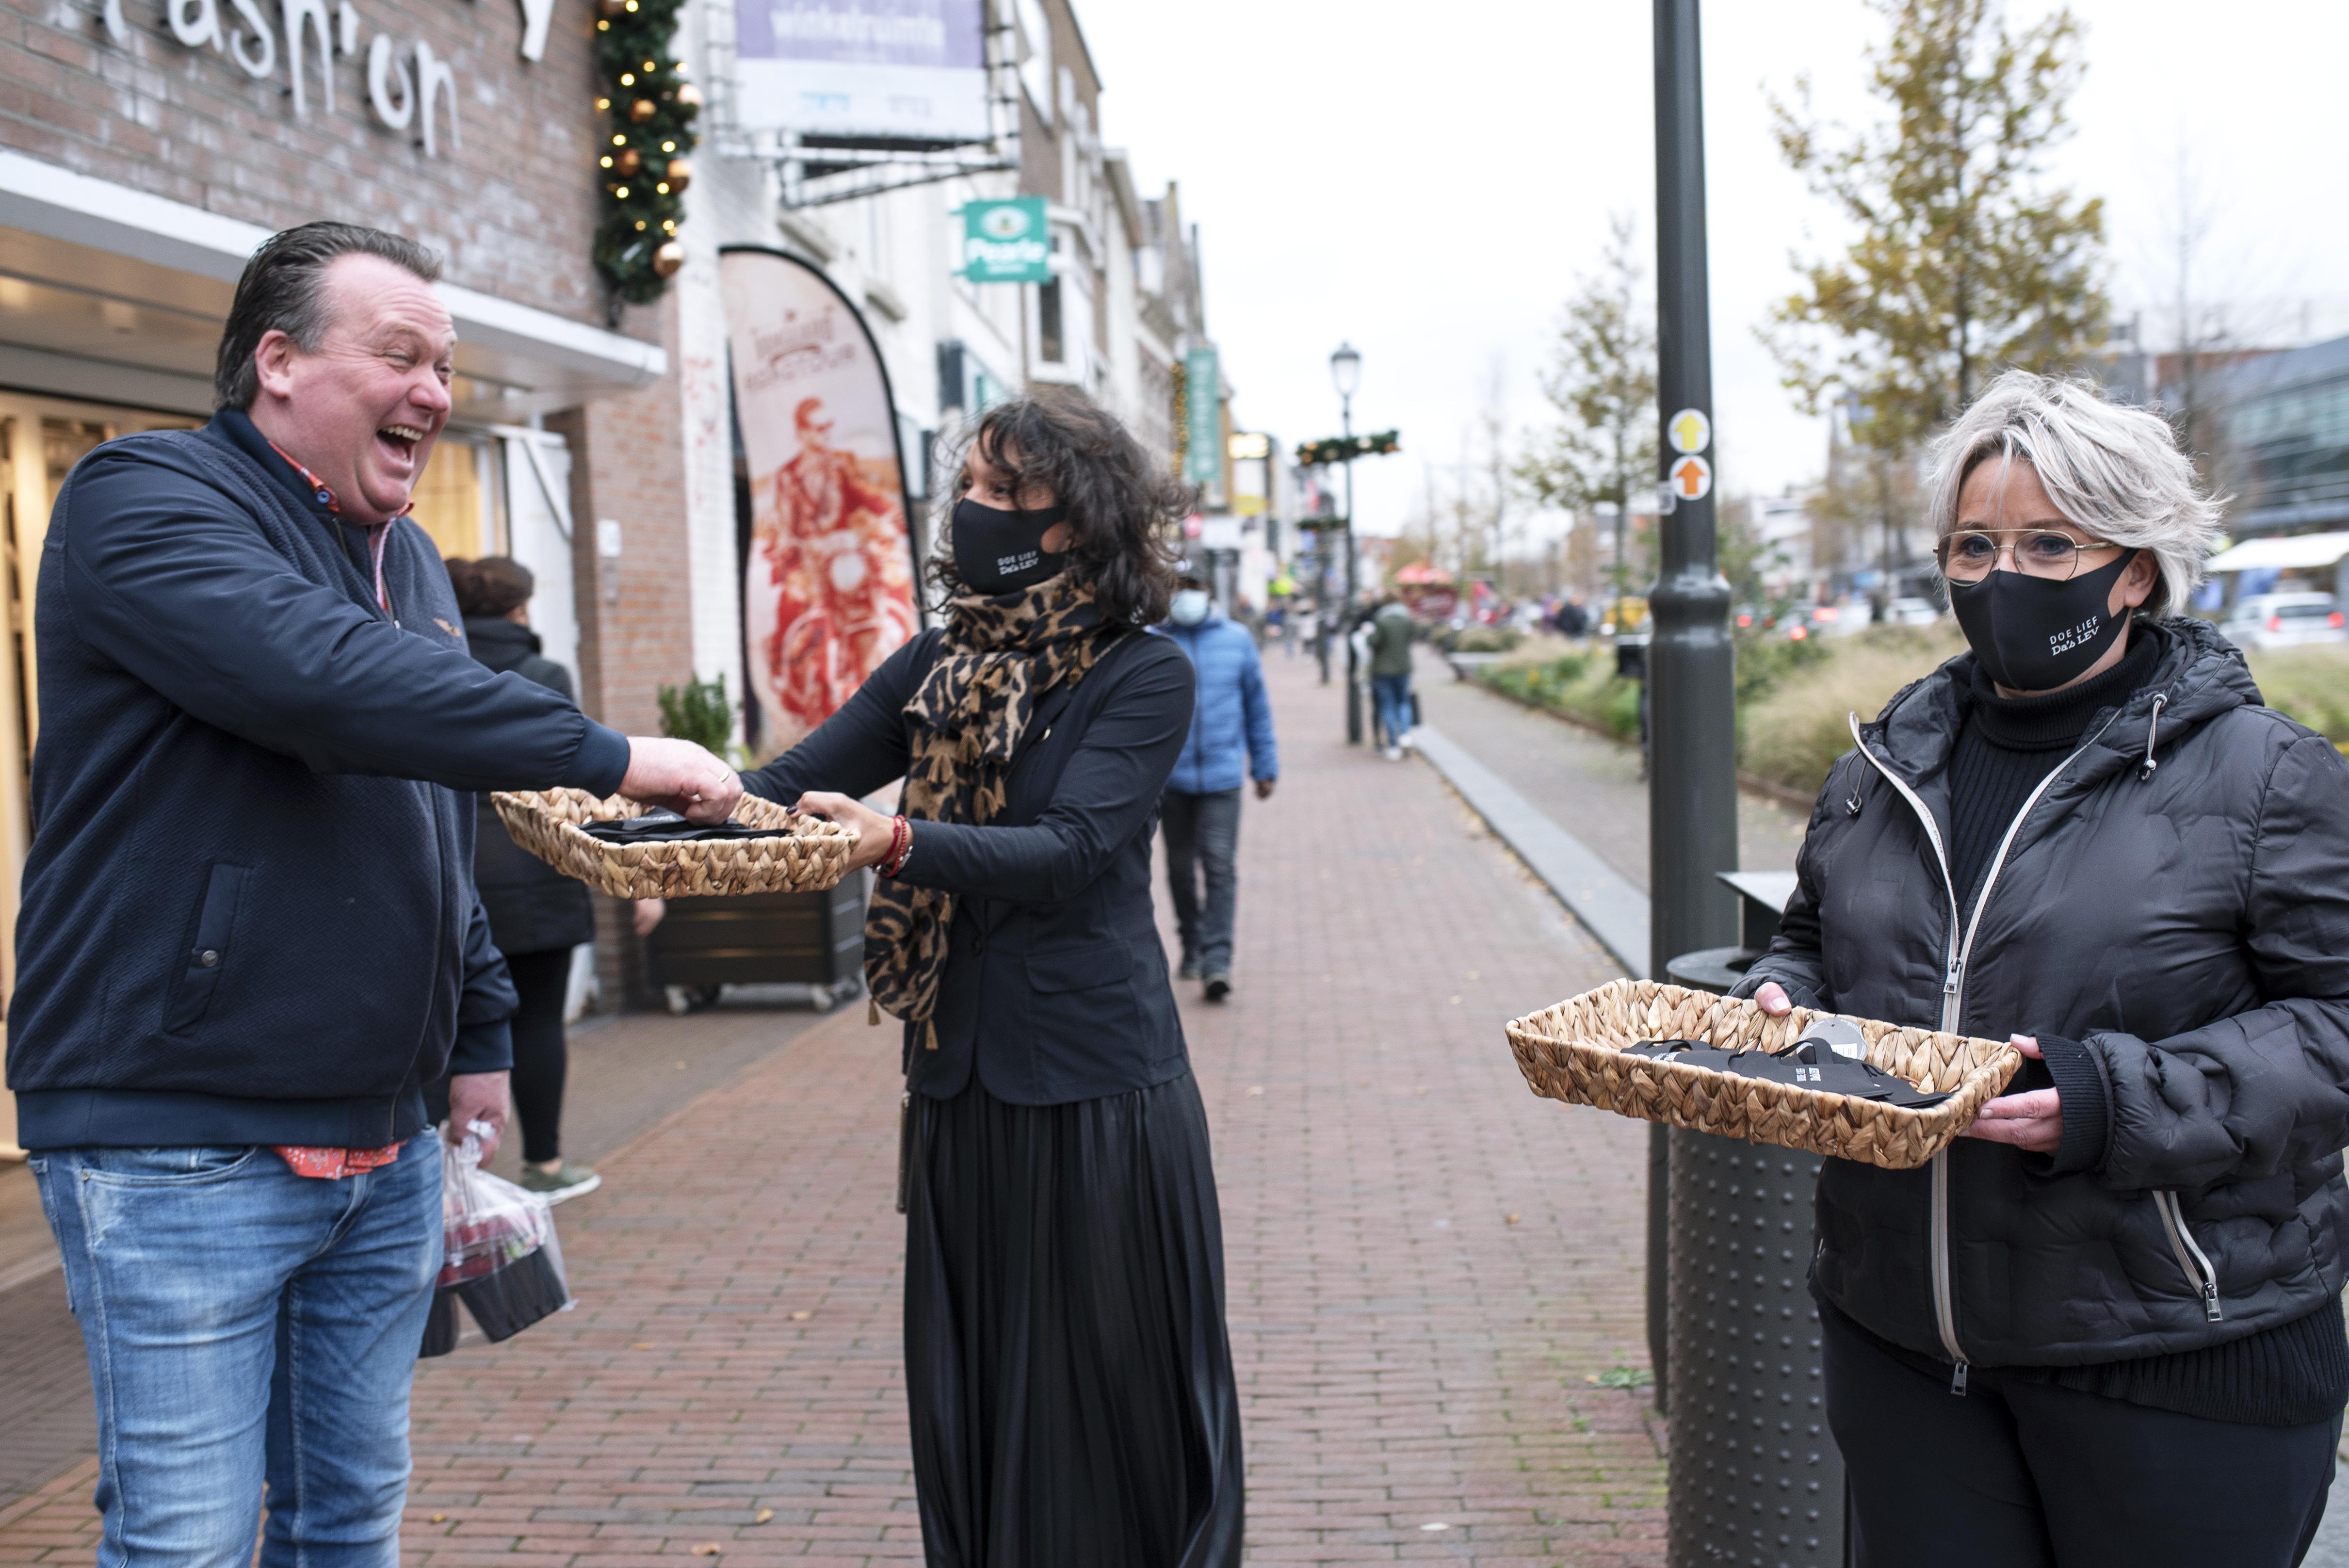 Winkeliers aan de Breestraat in Beverwijk pakken doordacht uit: uitdelen kekke mondkapjes groot succes